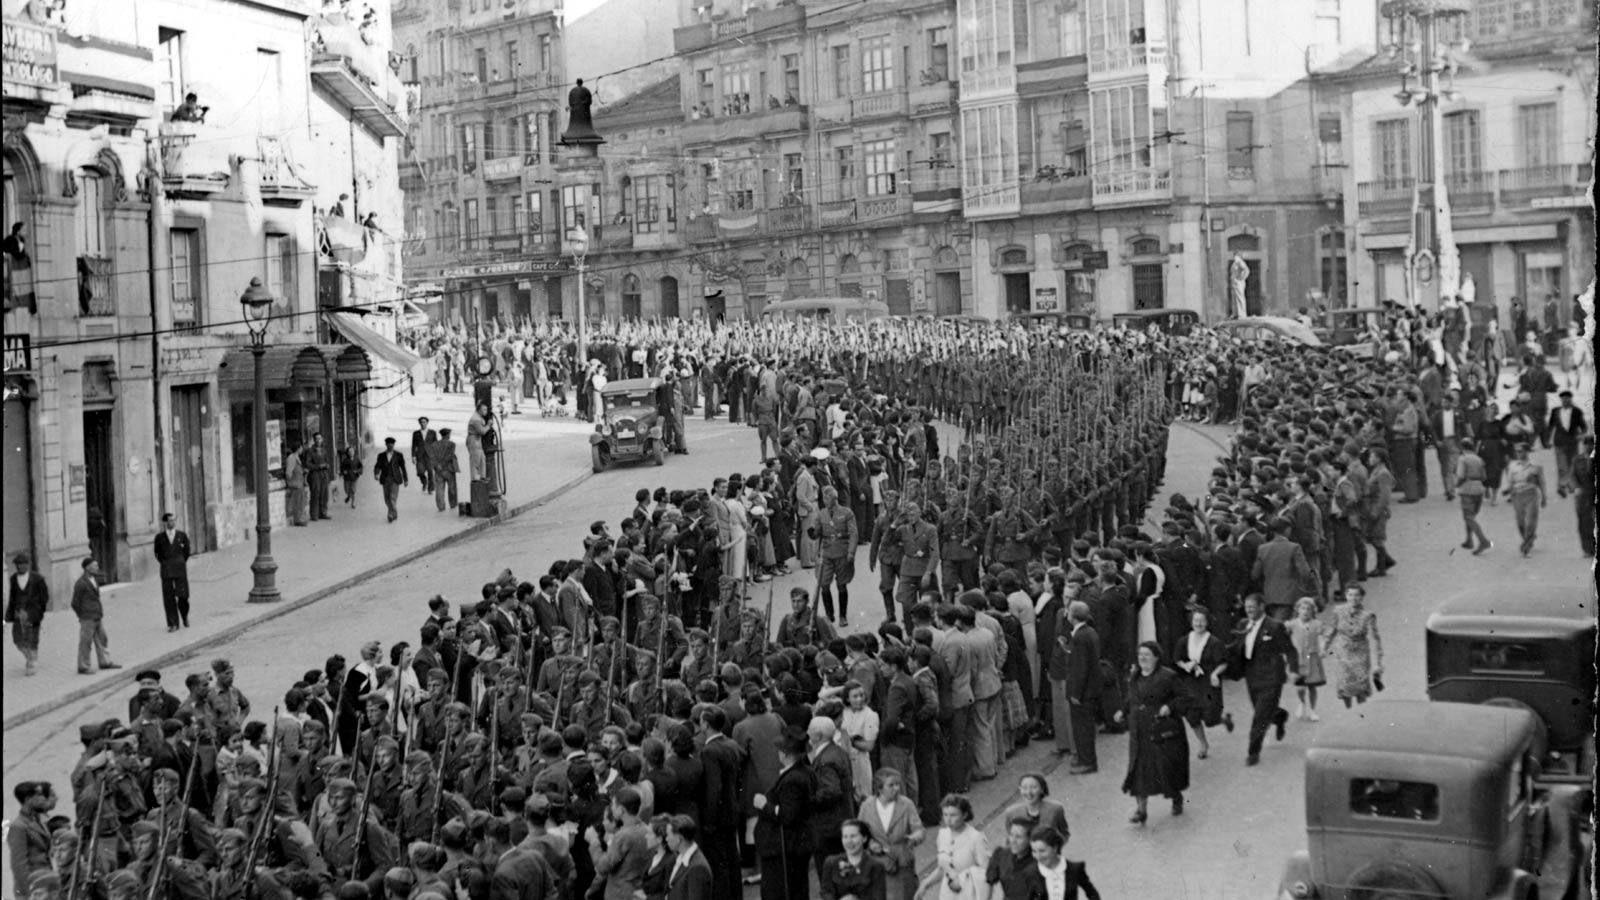 La Guerra Civil Galicia - La Legión Condor a su paso por la calle ...